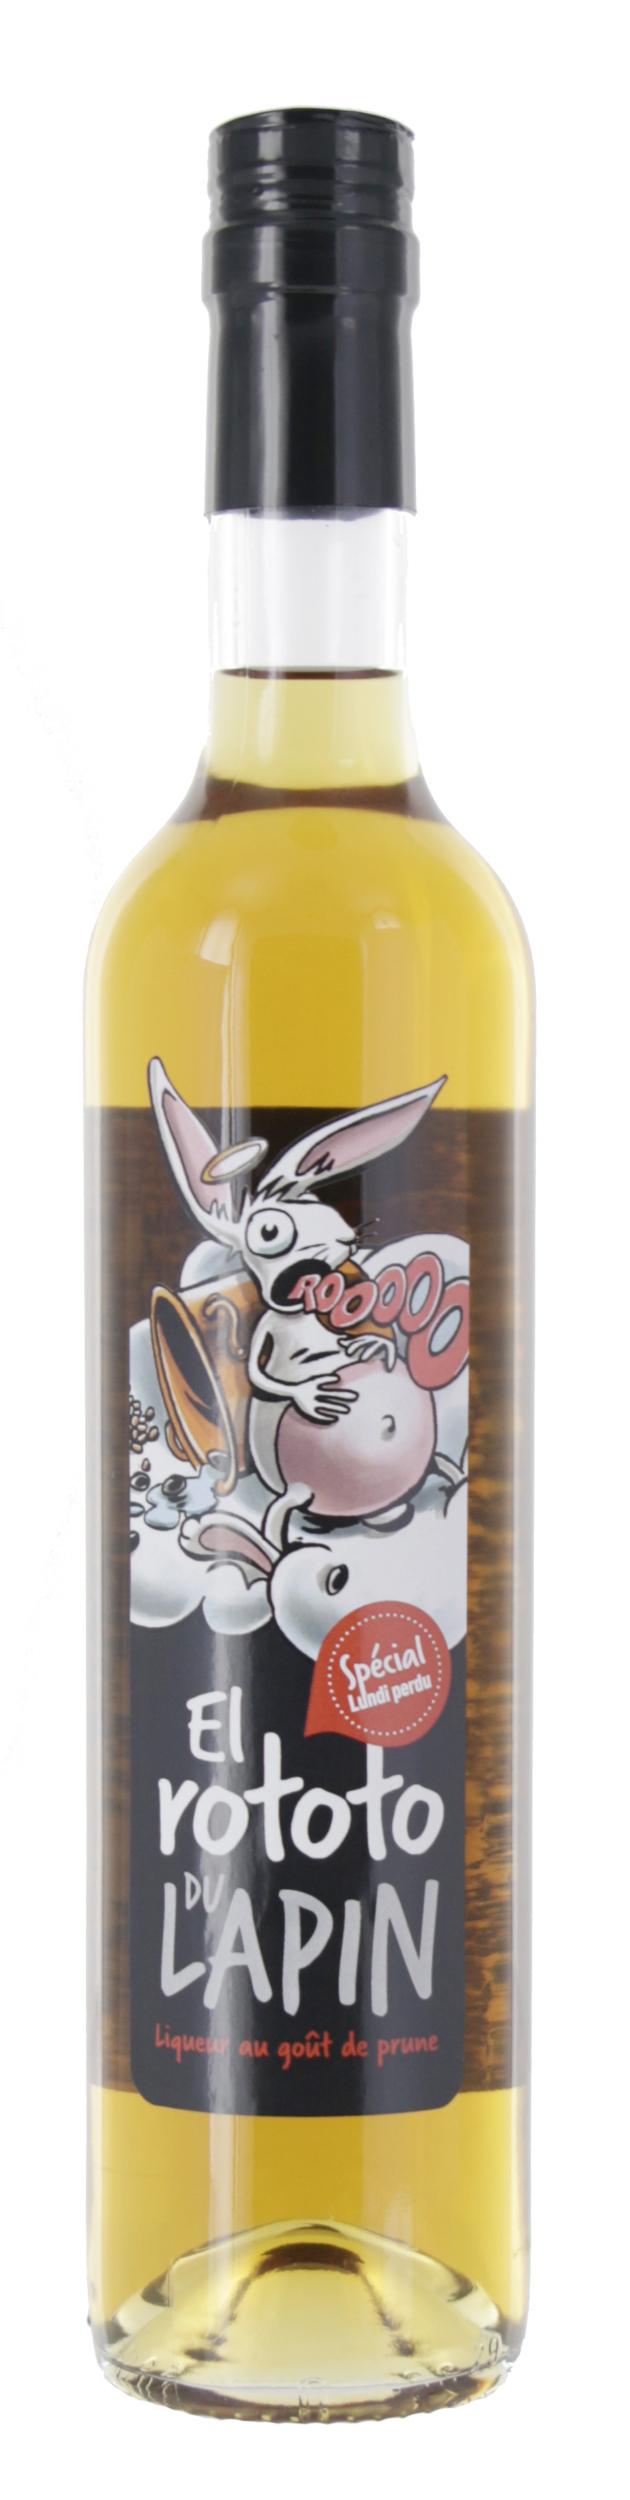 Liqueur - El Rototo du Lapin - Distillerie Gervin - 50cl